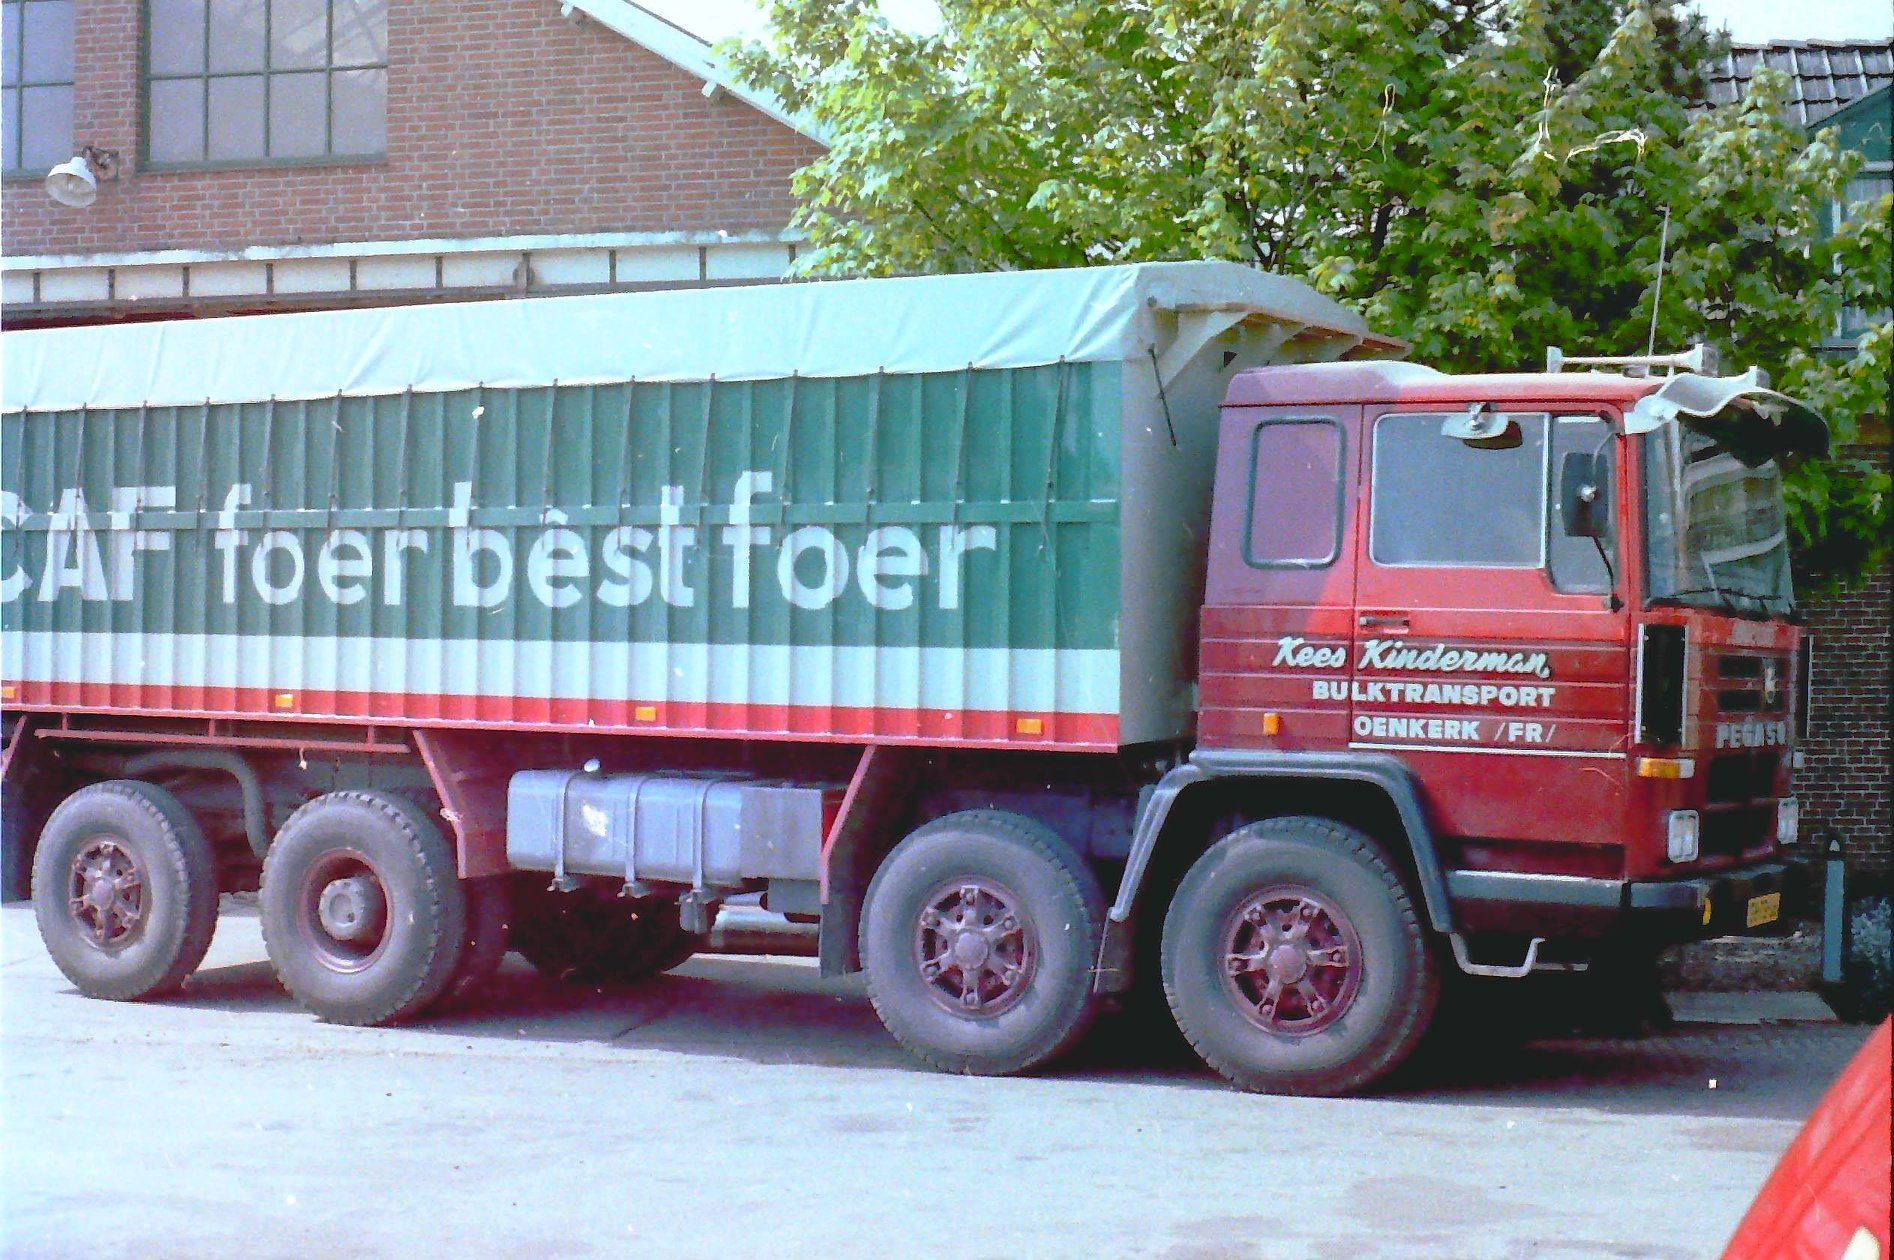 PEGASO-was-een-kipperbak-met-Bulkinstallatie-opgebouwd-door-Rondaan-in-Beetgum-voor-Kees-Kinderman-Bulktransport-uit-Oenkerk-rijdend-voor-de-CAF-1